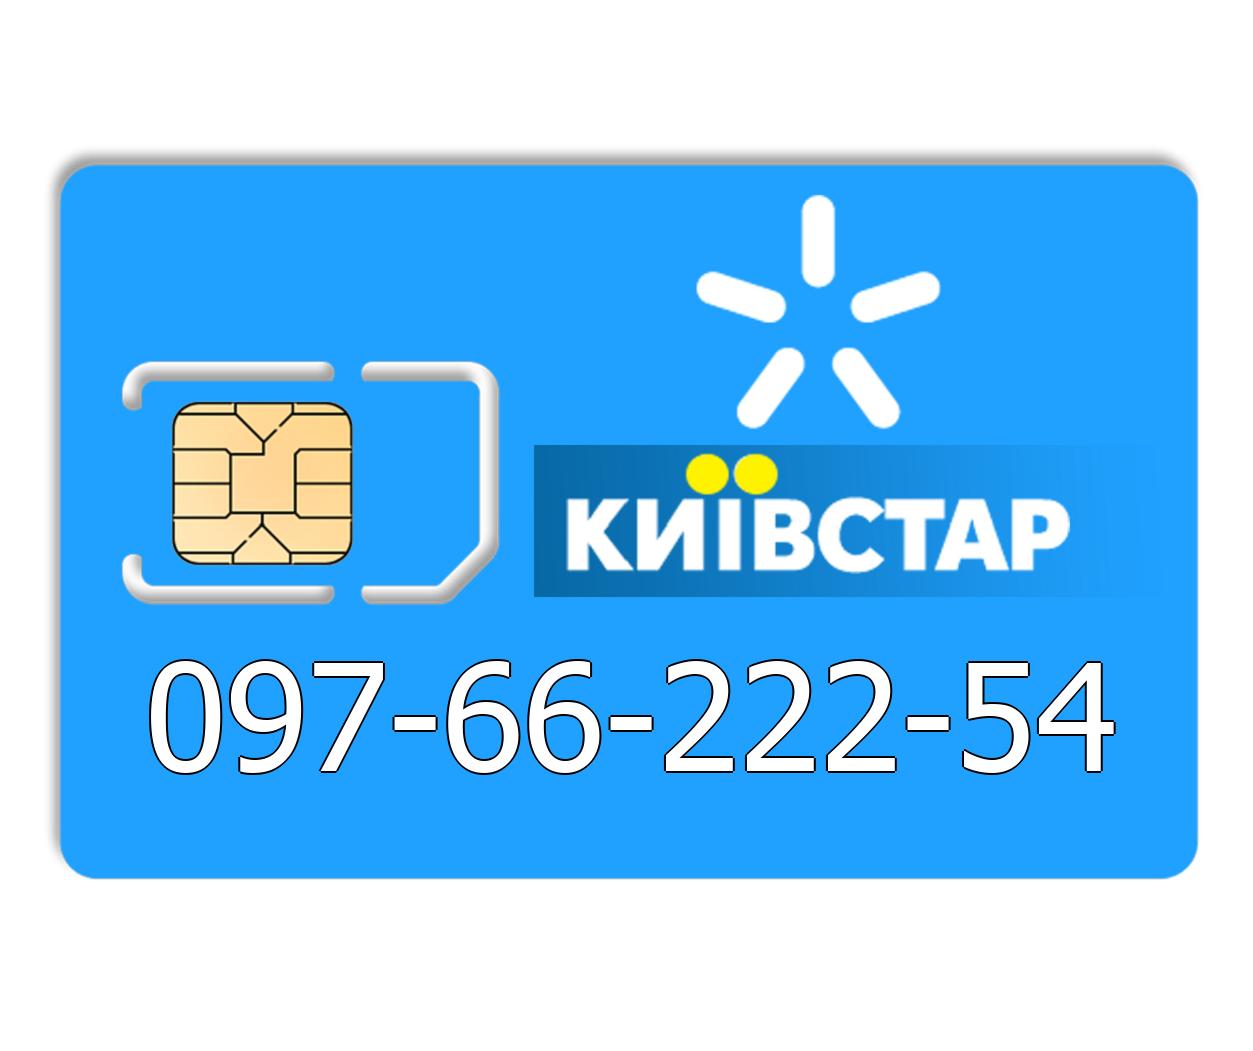 Красивый номер Киевстар 097-66-222-54